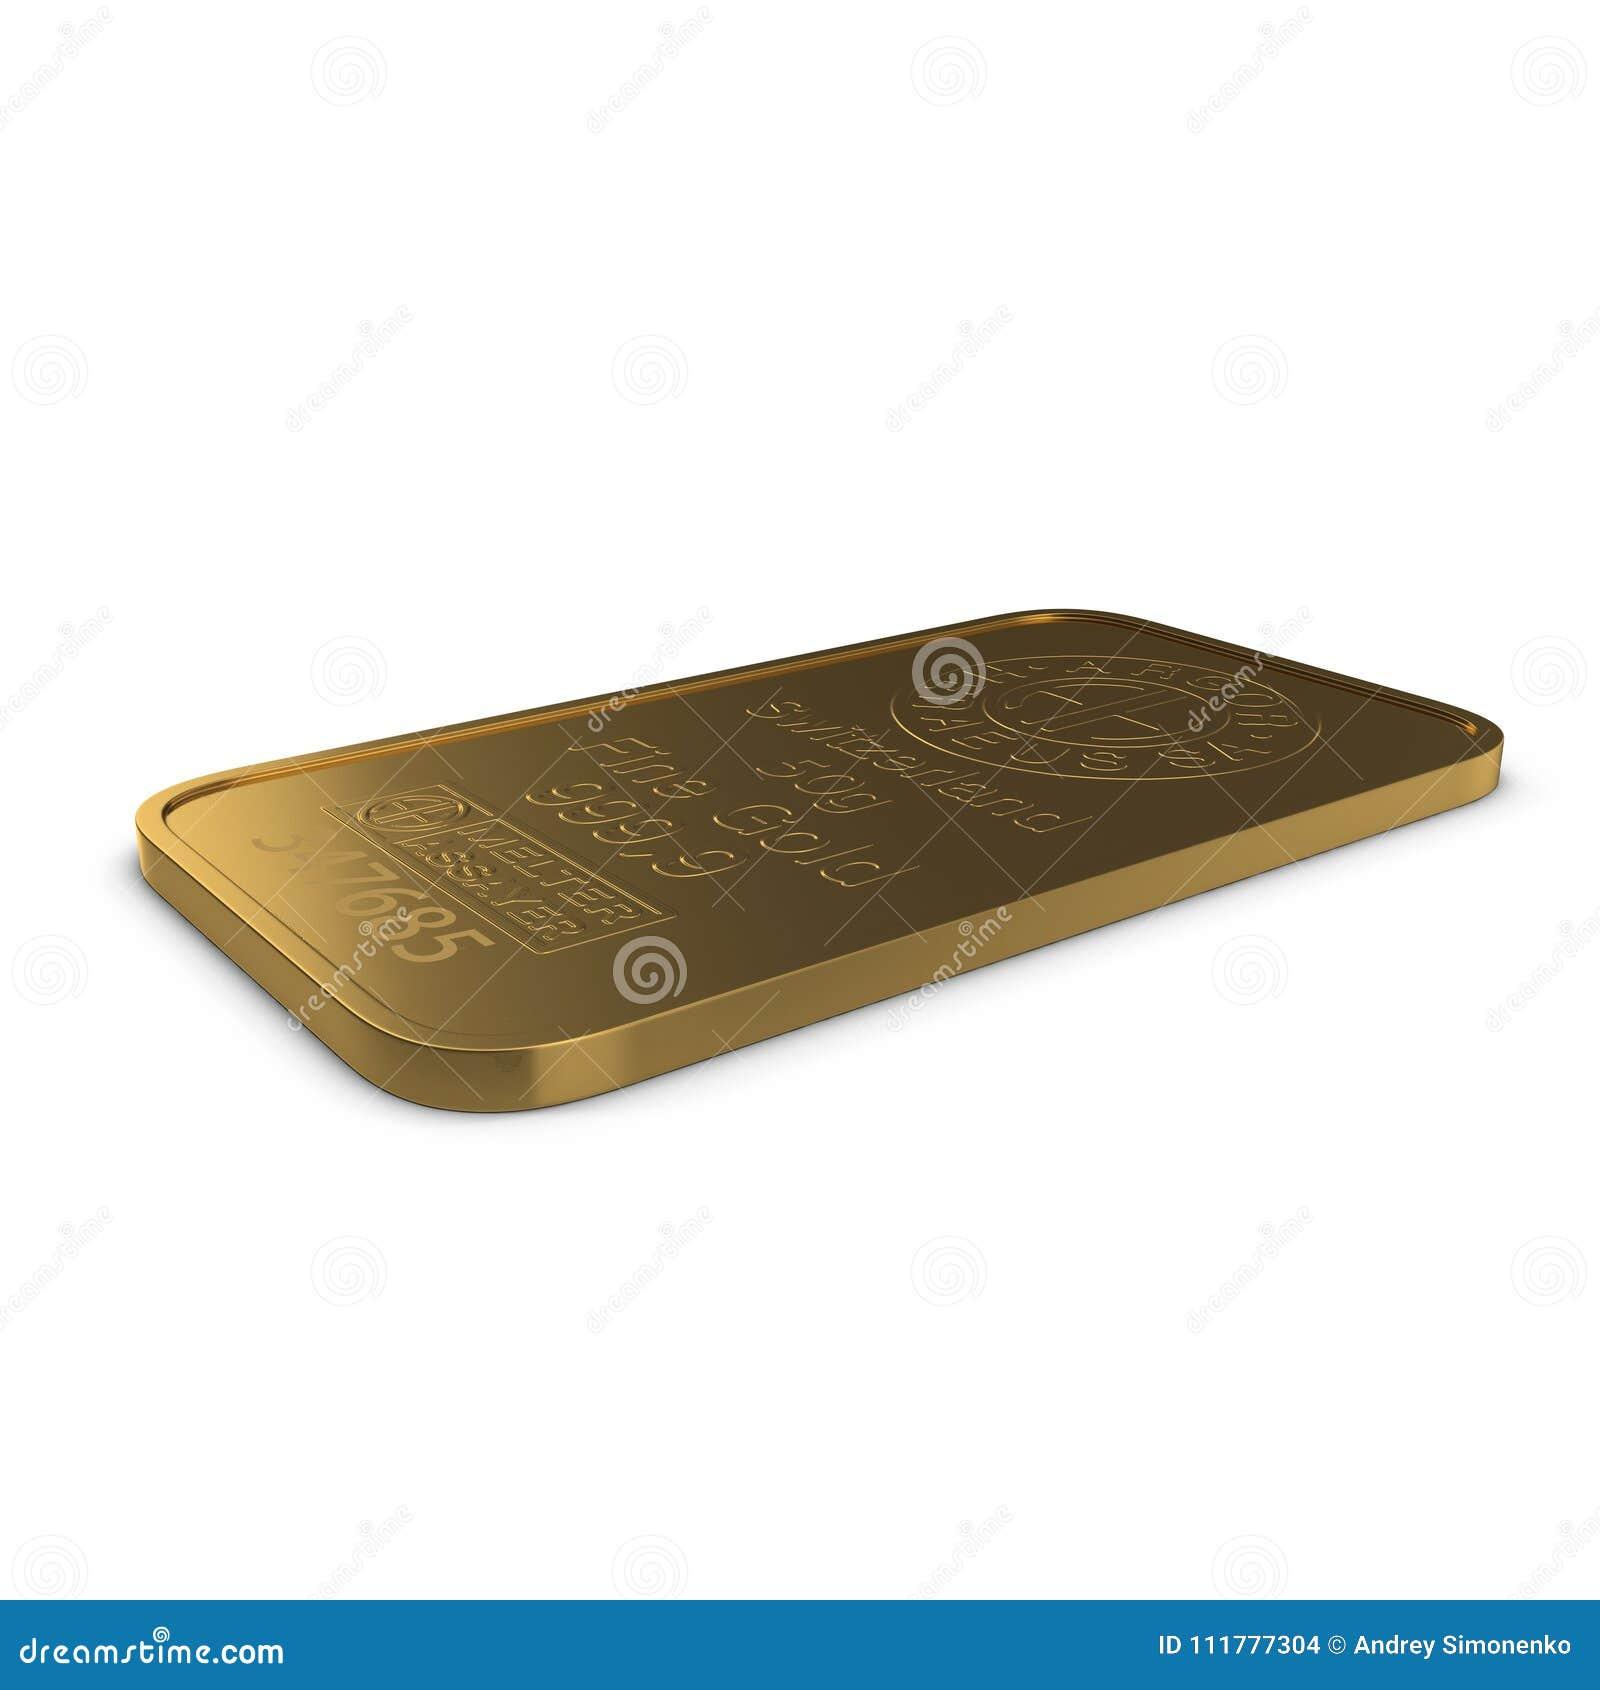 Gold bar 50g isolated on white. 3D illustration